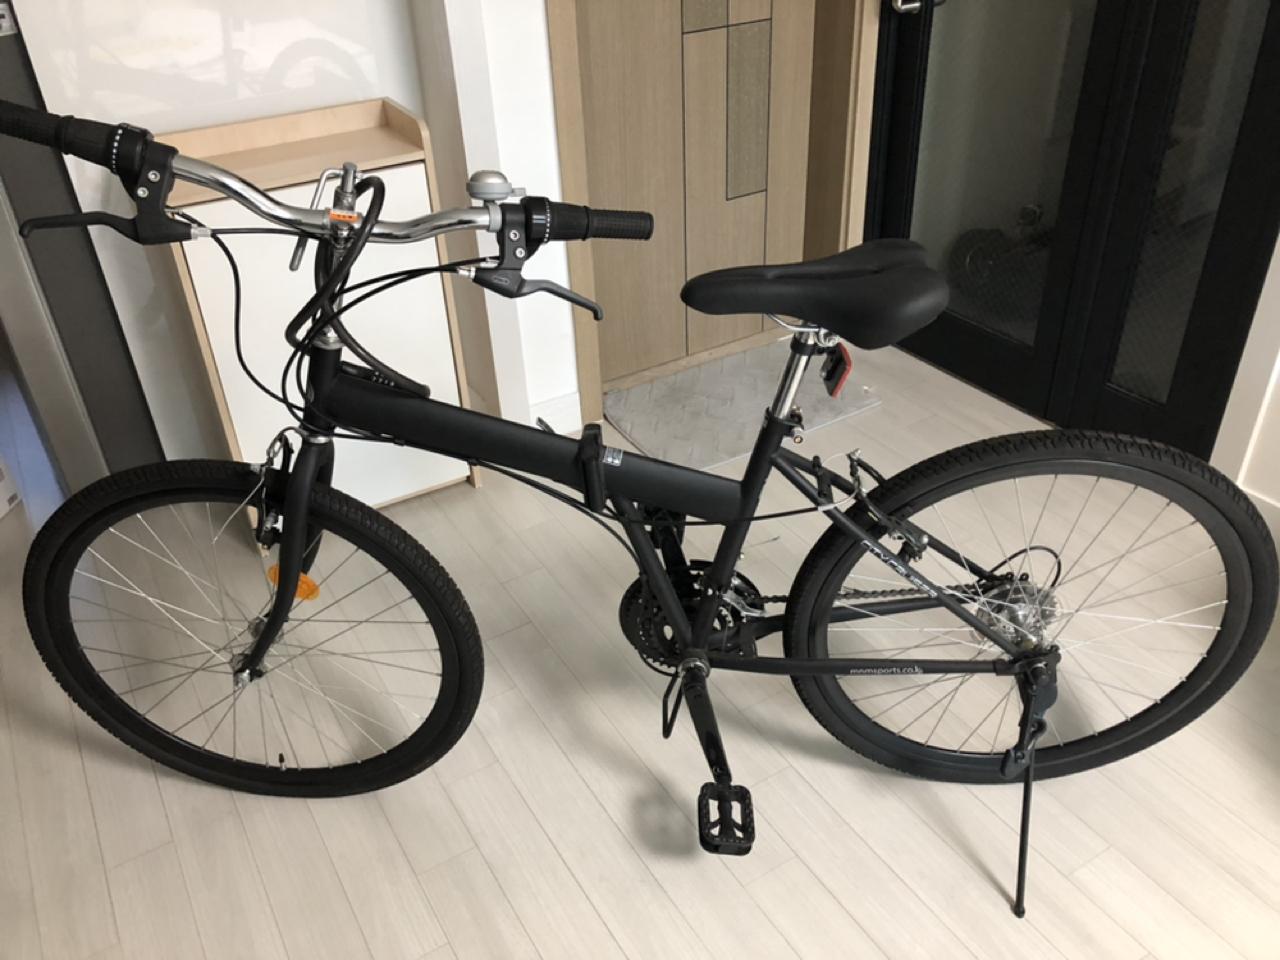 접이식 자전거 팝니다(같은자전거 두대)